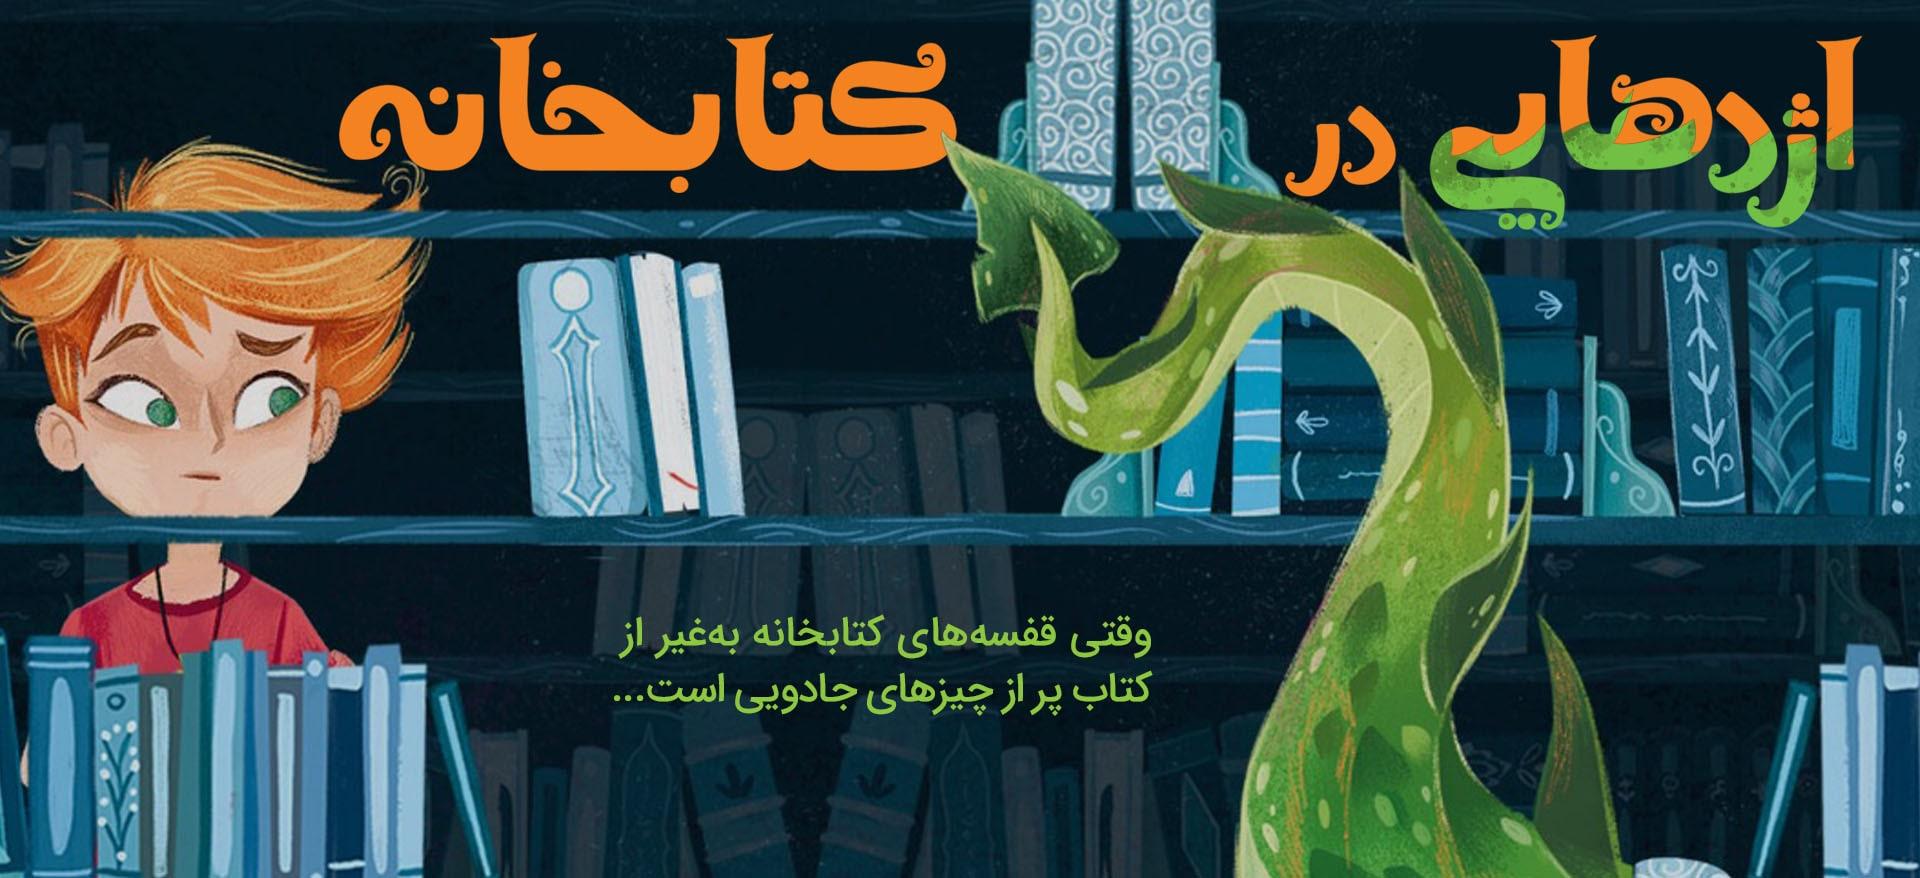 اژدهایی در کتابخانه